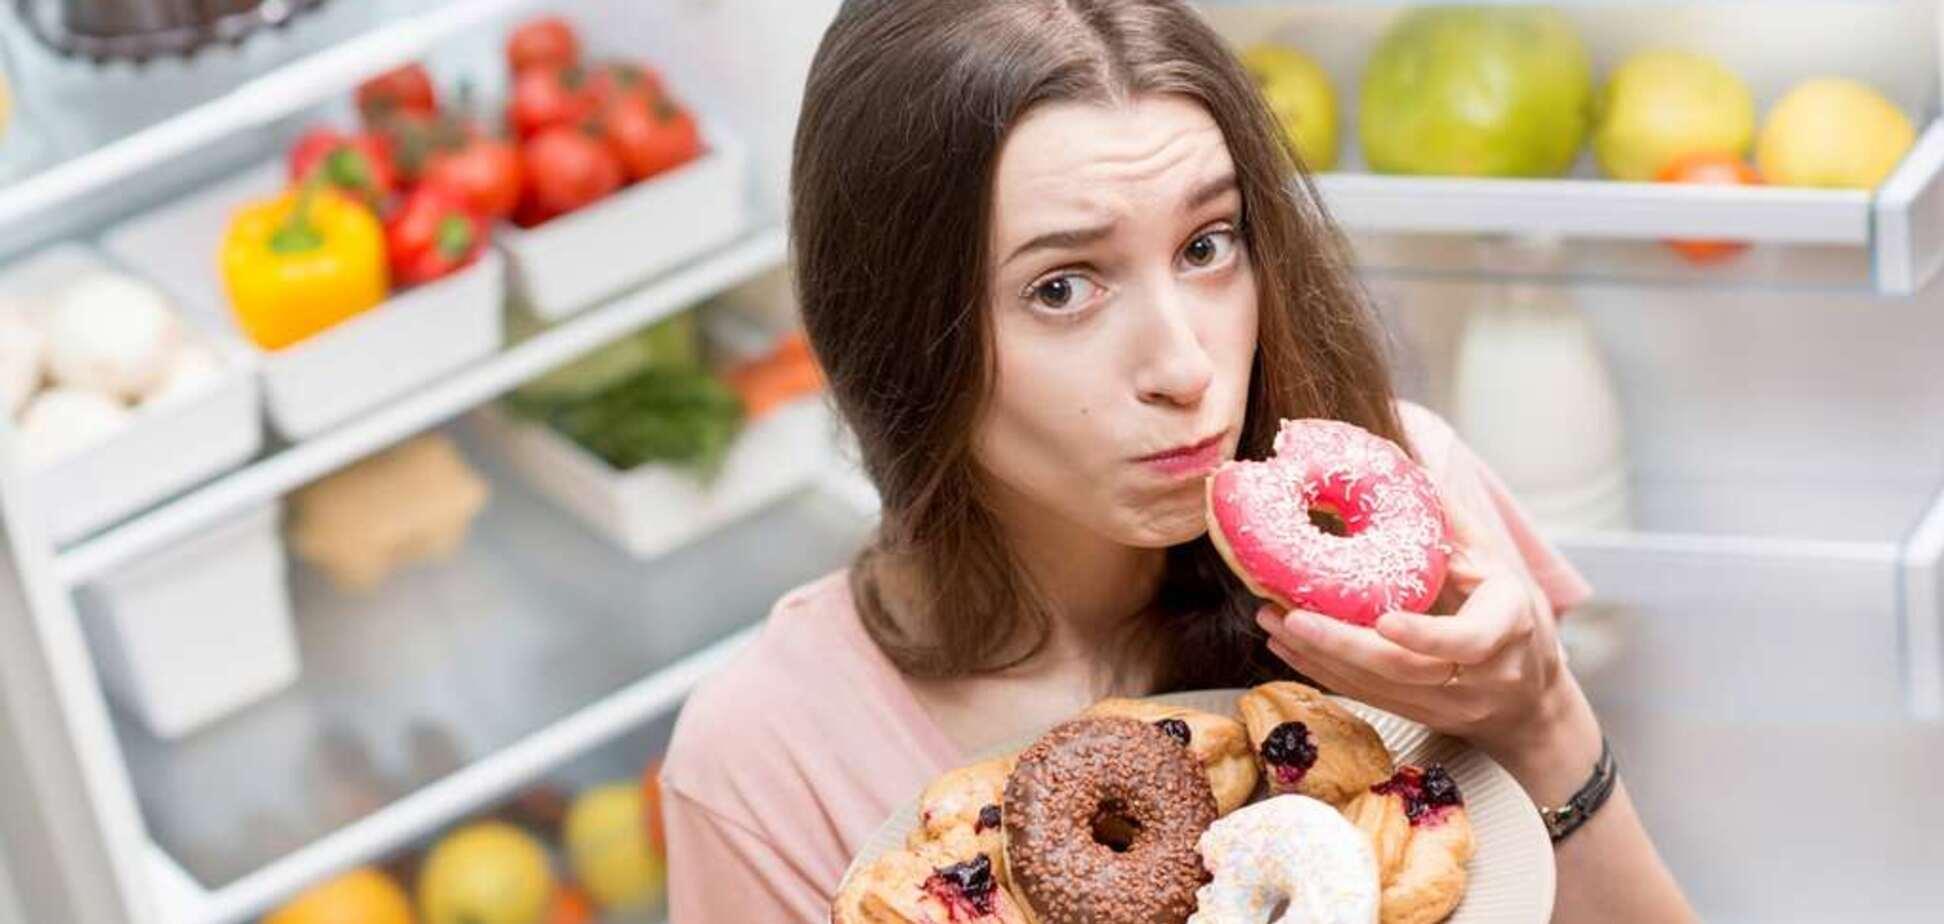 Як перестати їсти солодке: названо еффективний метод